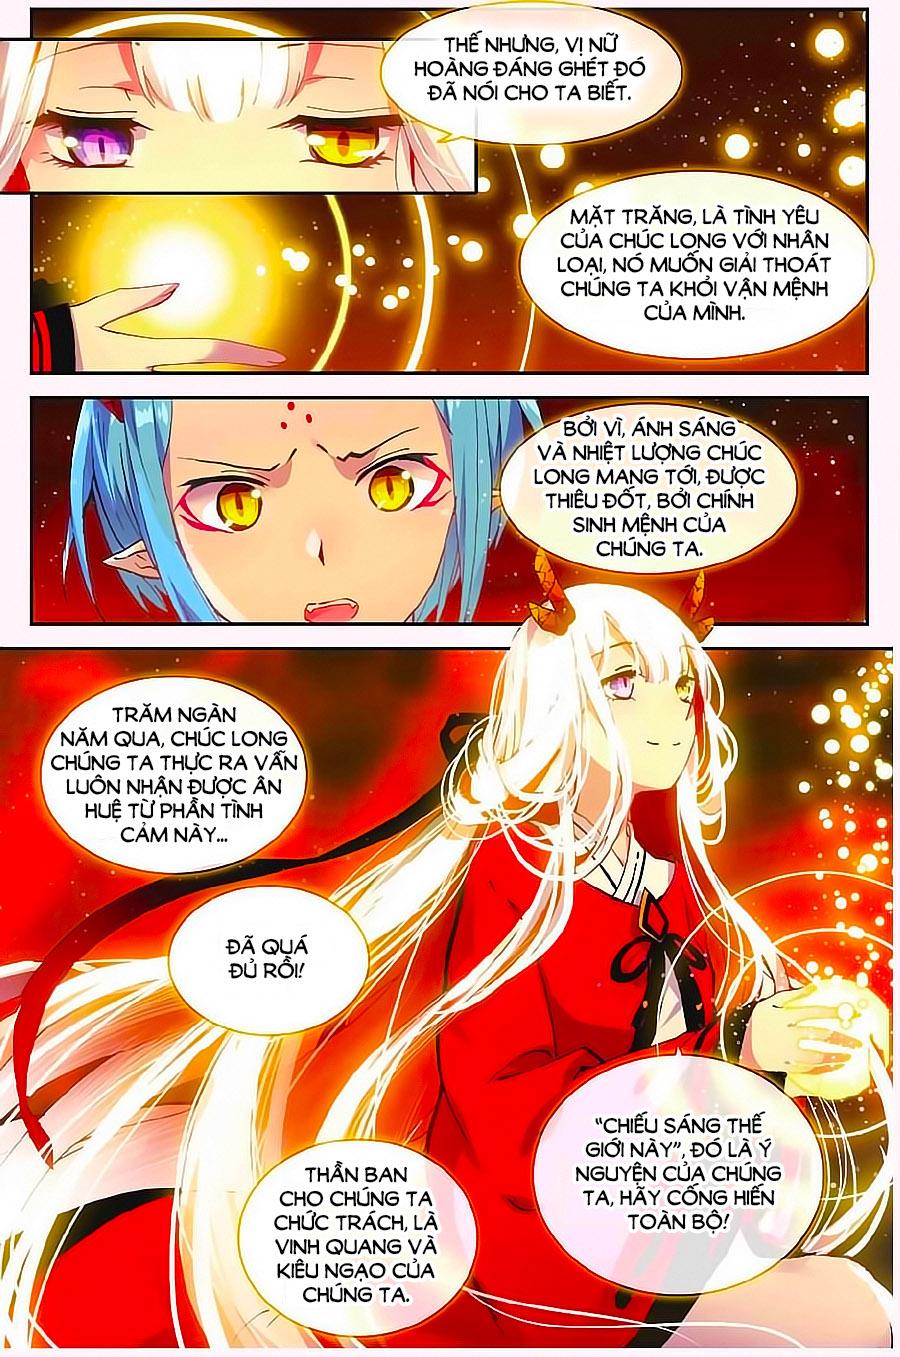 Thiên Hành Thiết Sự chap 68 Trang 6 - Mangak.info